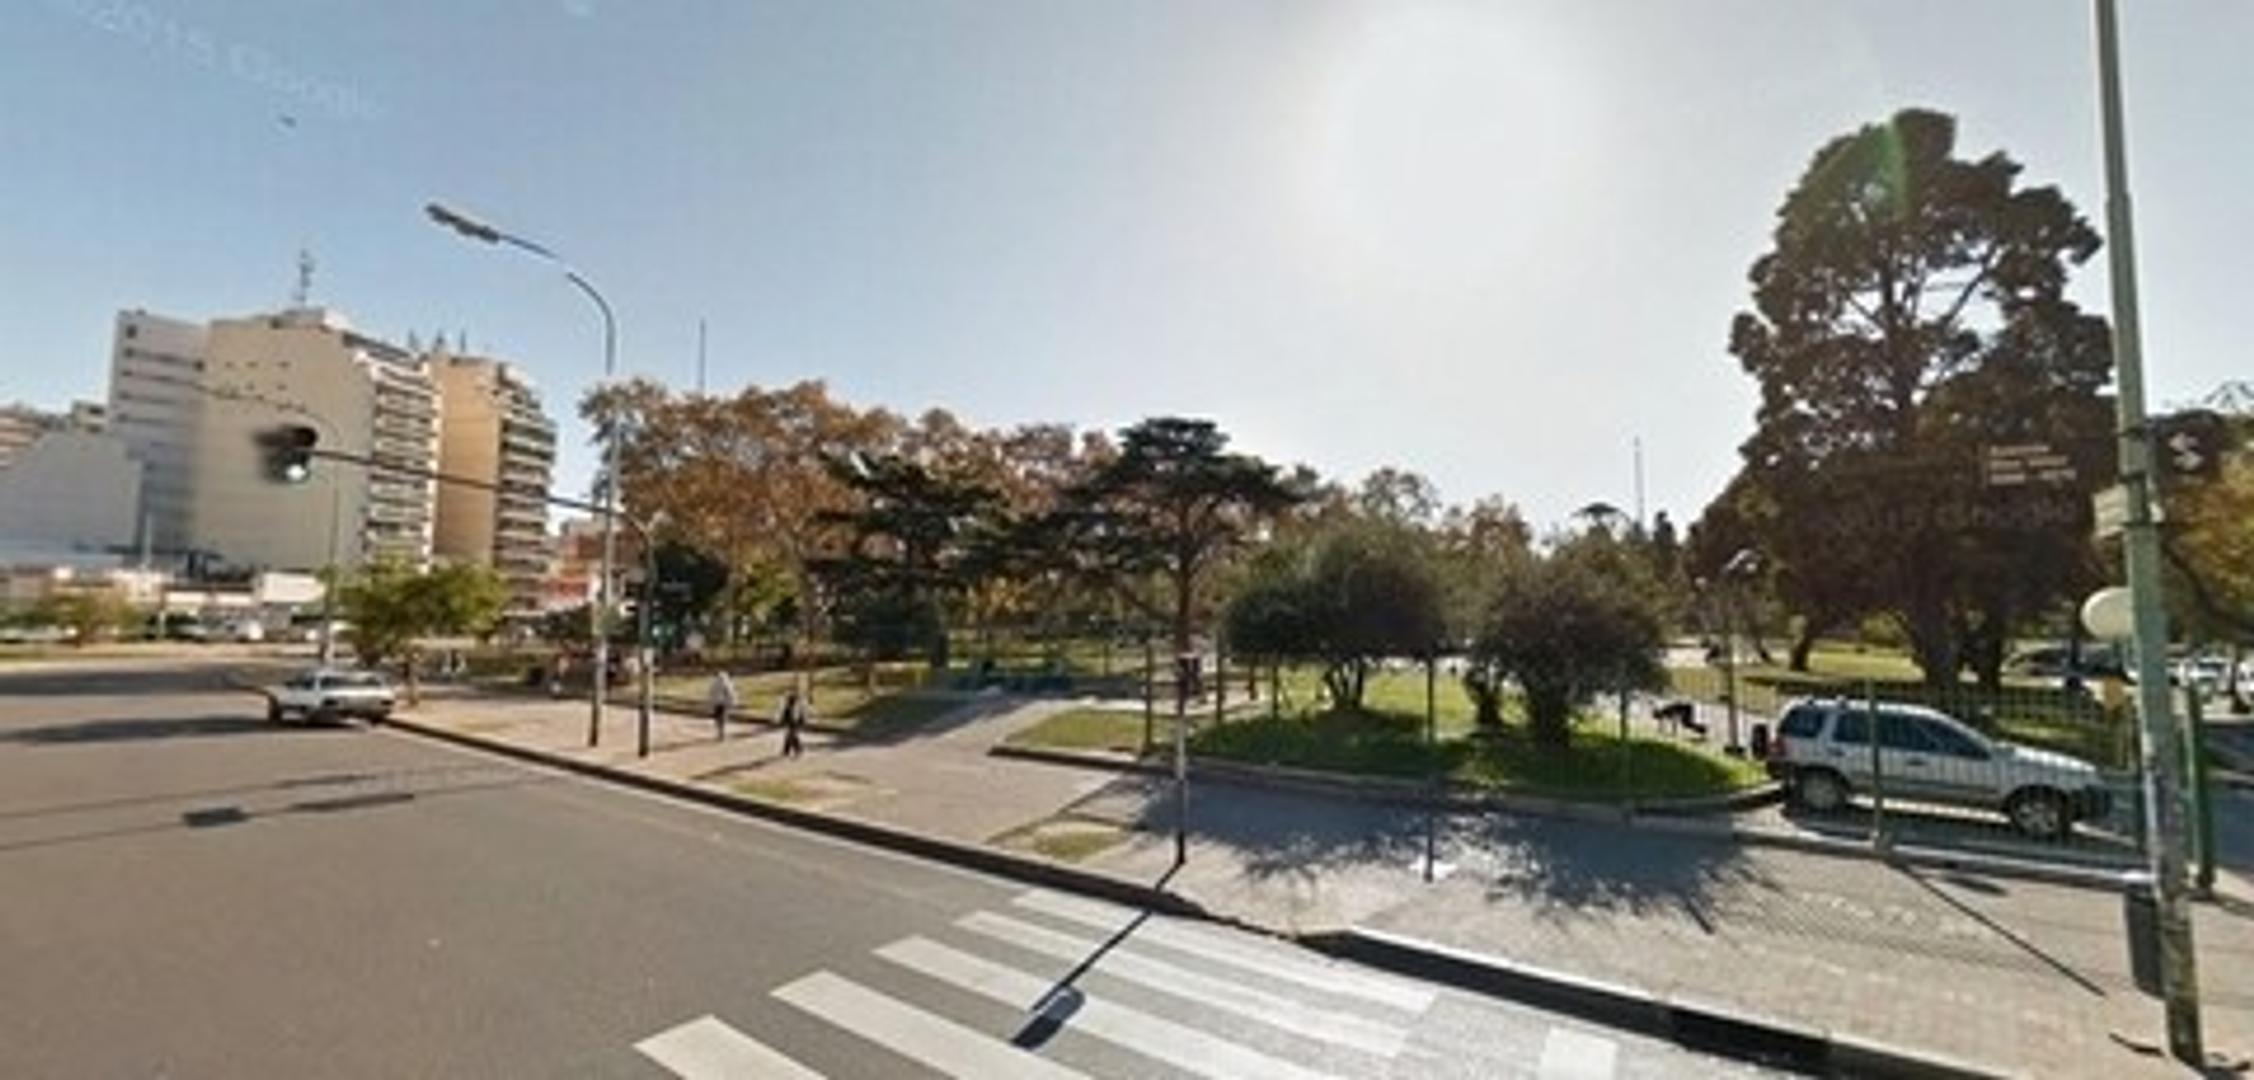 Departamento de 2 ambientes en Caballito, cerca de Parque Centenario - apto crédito -